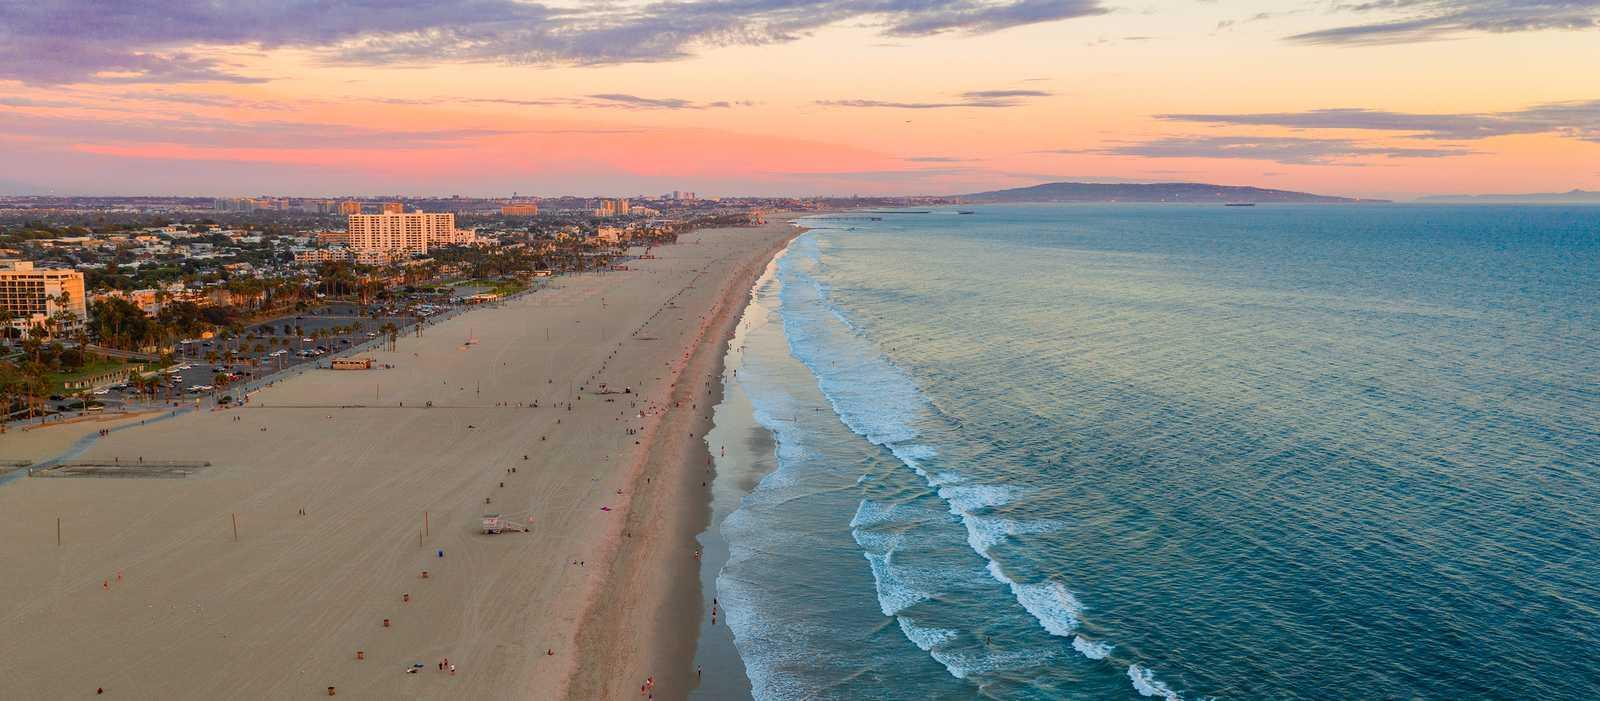 Blick auf den ausgedehnten Strand von Santa Monica in Kalifornien in der Abenddämmerung